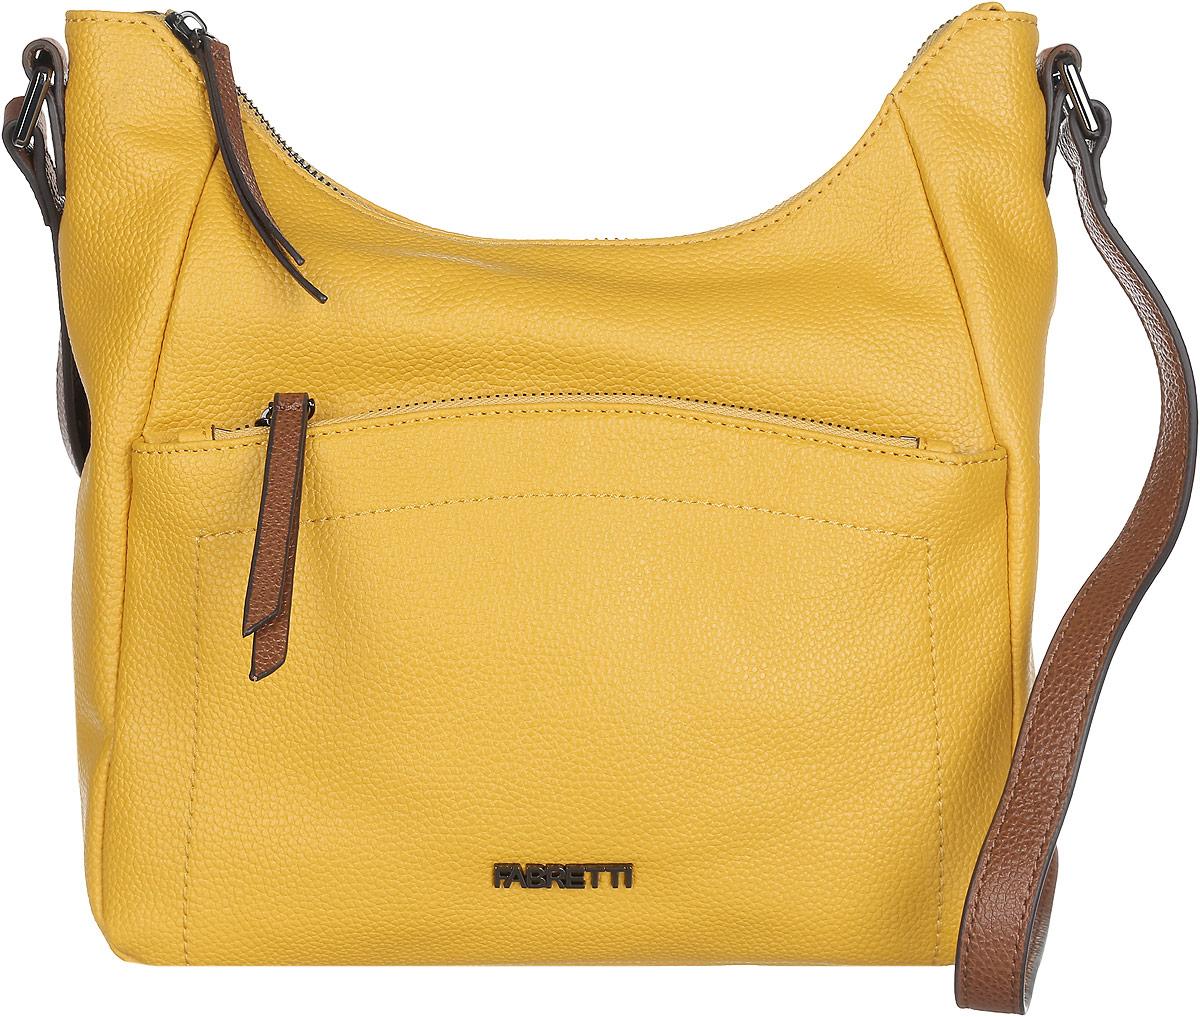 Сумка женская Fabretti, цвет: желтый, коричневый. N2541N2541-yellowСтильная женская сумка Fabretti выполнена из натуральной кожи с фактурным тиснением. Изделие содержит одно вместительное отделение, которое закрывается на застежку-молнию. Внутри расположены два накладных кармашка для мелочей, карман-средник на застежке-молнии и два врезных кармана на молнии. Снаружи, на лицевой стороне сумки, расположен накладной карман на застежке-молнии, а на задней стороне расположен врезной карман на застежке-молнии. Сумка оснащена удобным плечевым ремнем, который можно регулировать по длине. Оригинальный аксессуар позволит вам завершить образ и быть неотразимой.